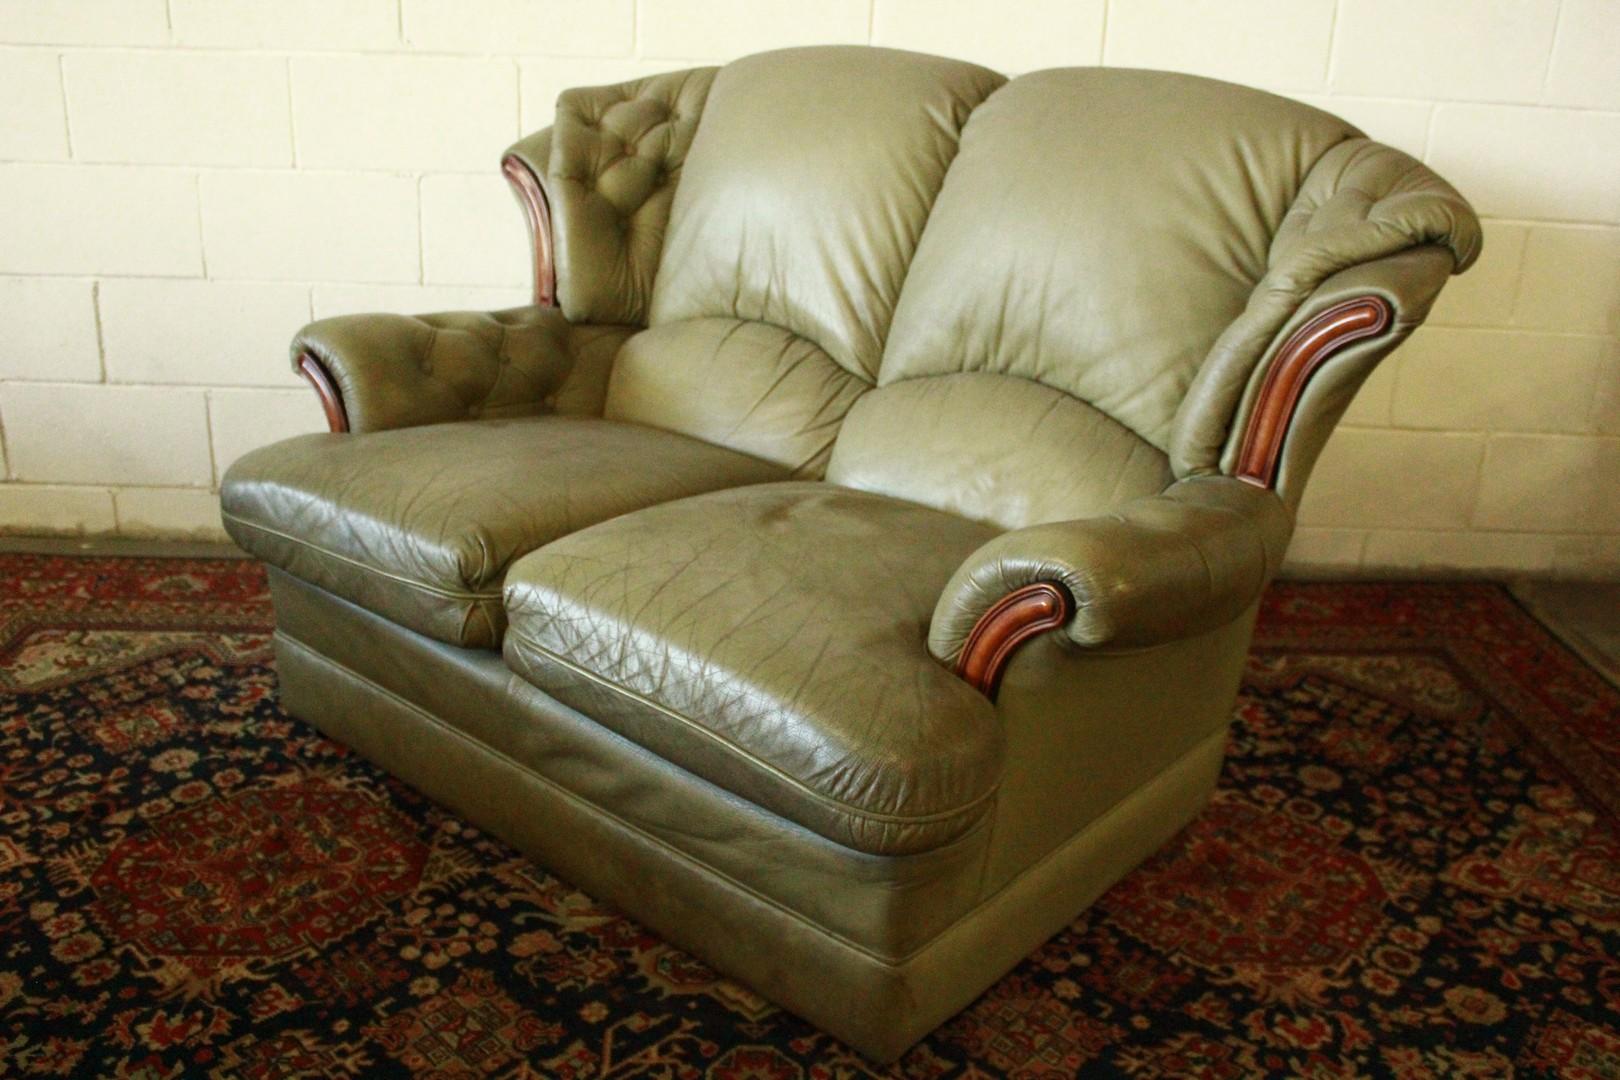 Divano 2 posti originale inglese in pelle verde 748 divani originali chesterfield brescia - Divano in inglese ...